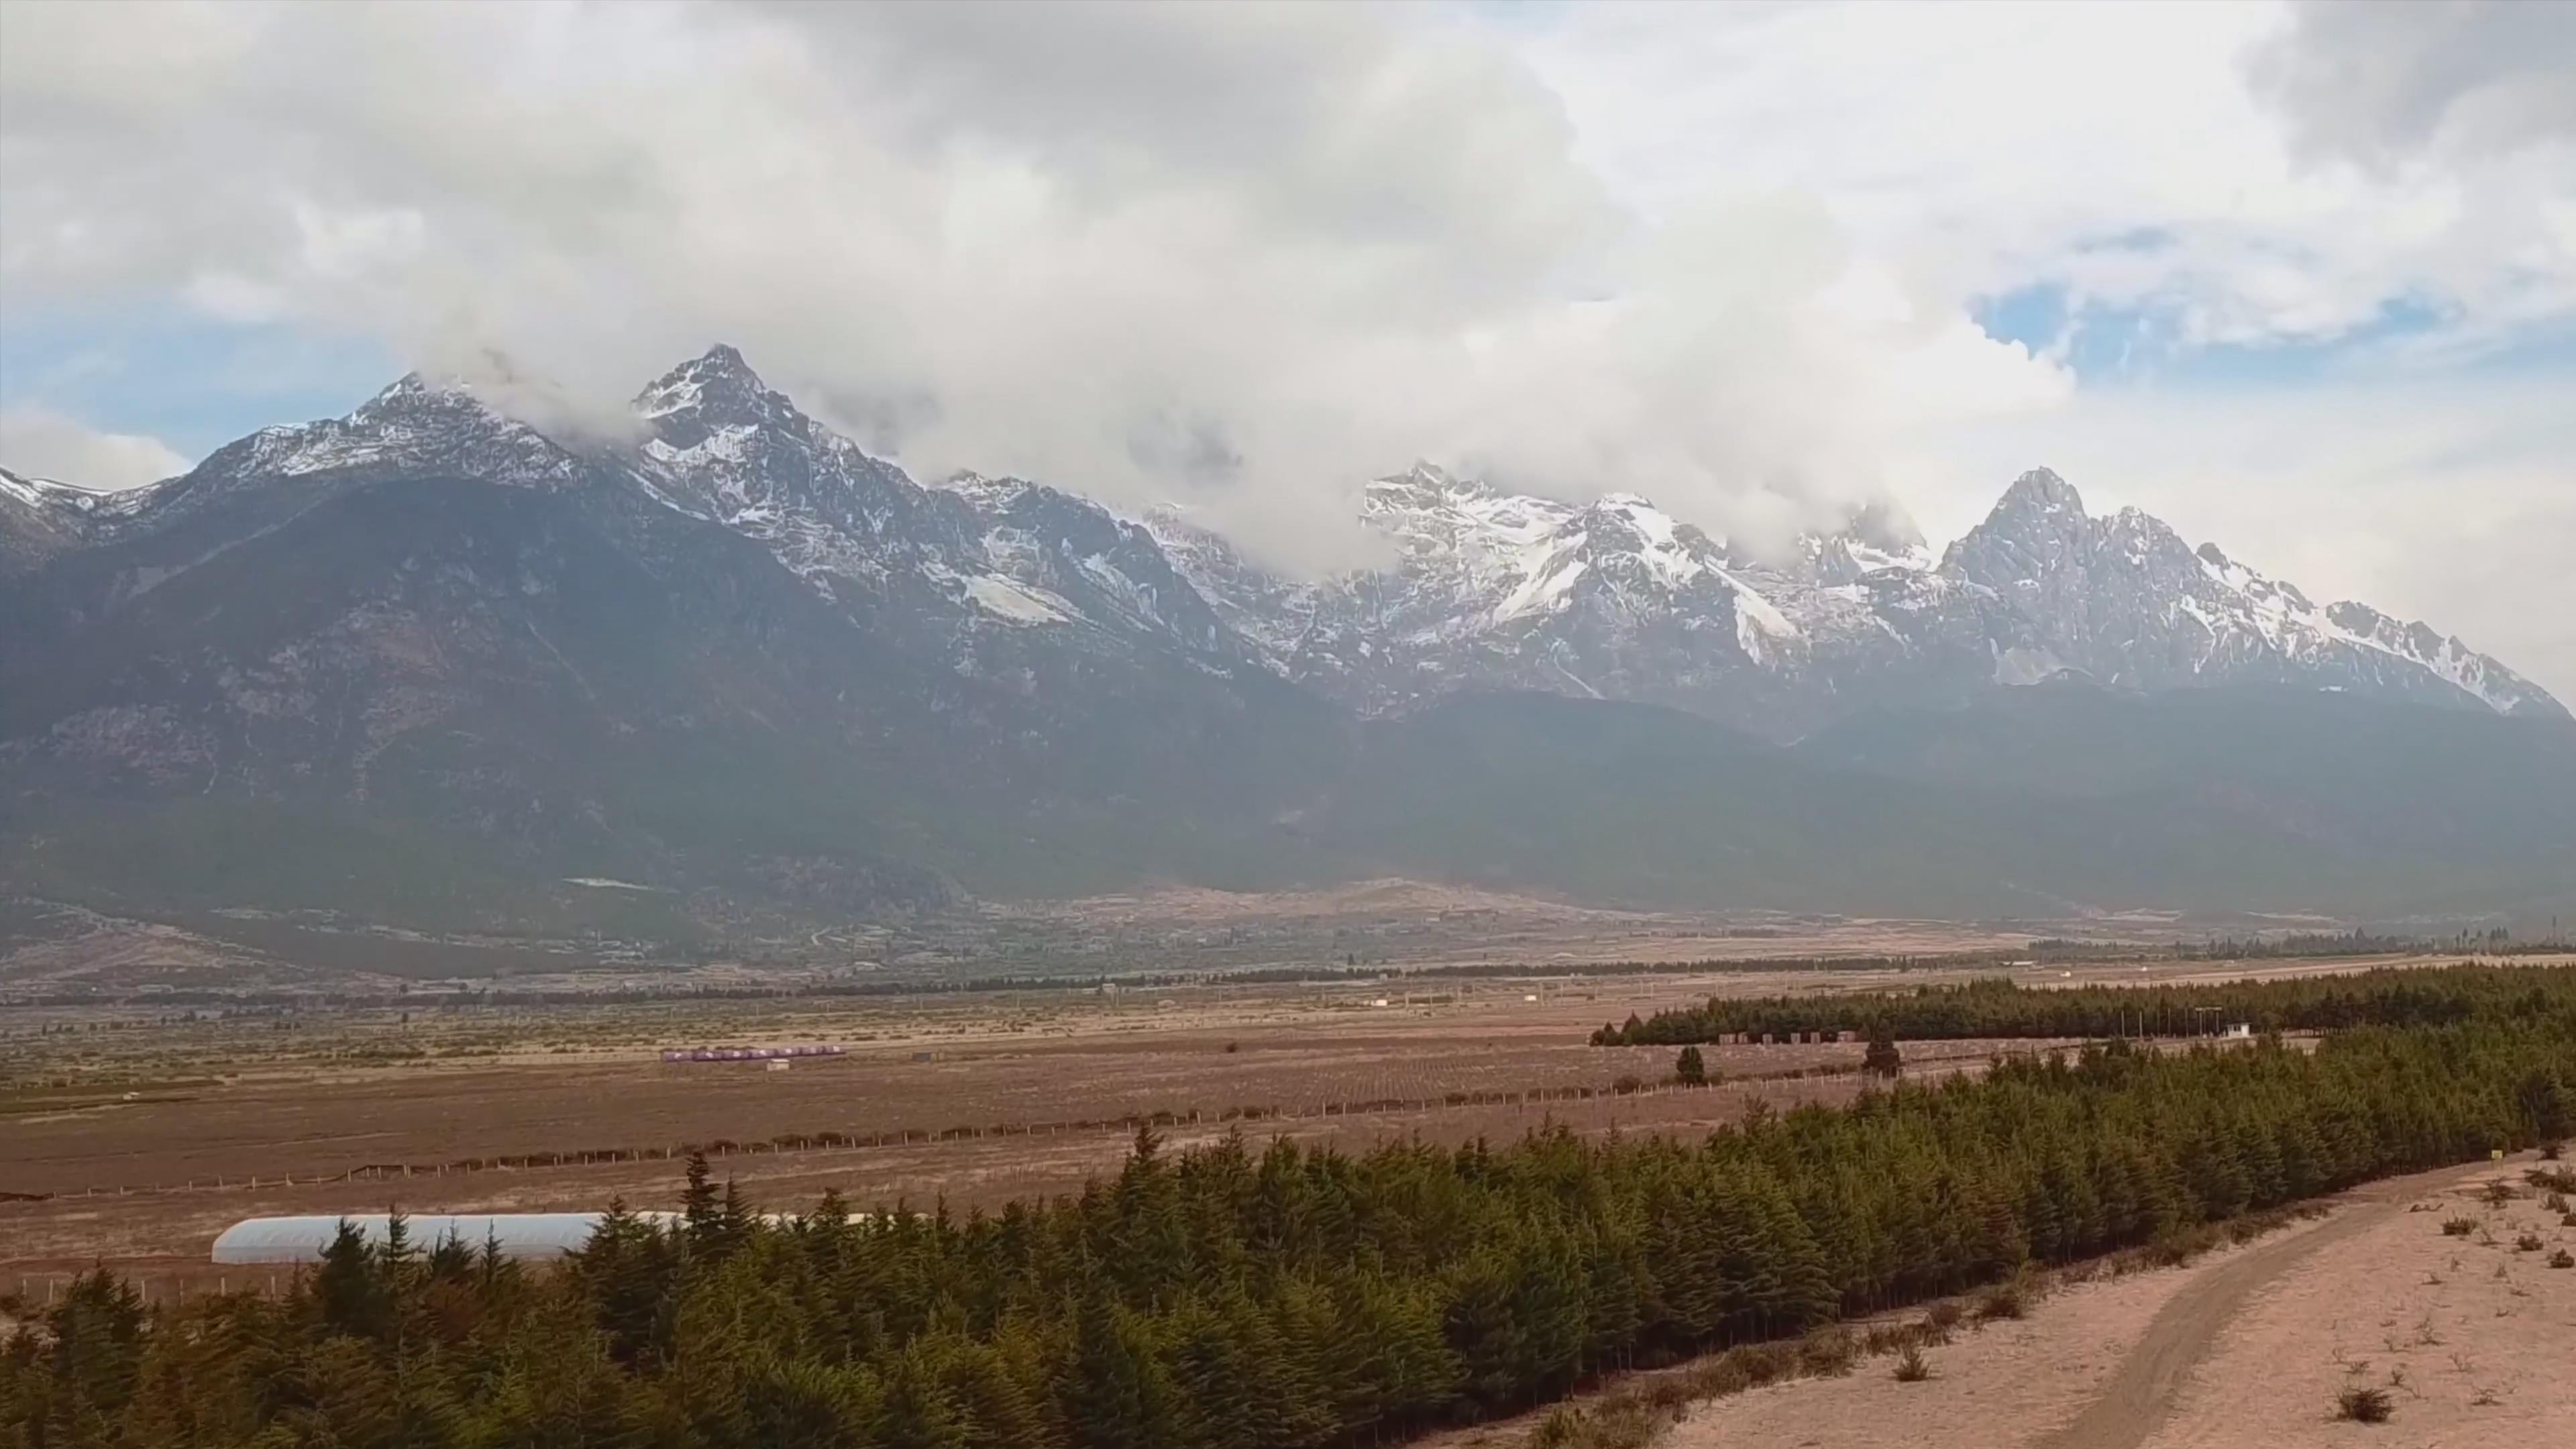 玉龙雪山 雪山 森林 牧场 牛 羊 草原 山沟 湖 航拍 4k